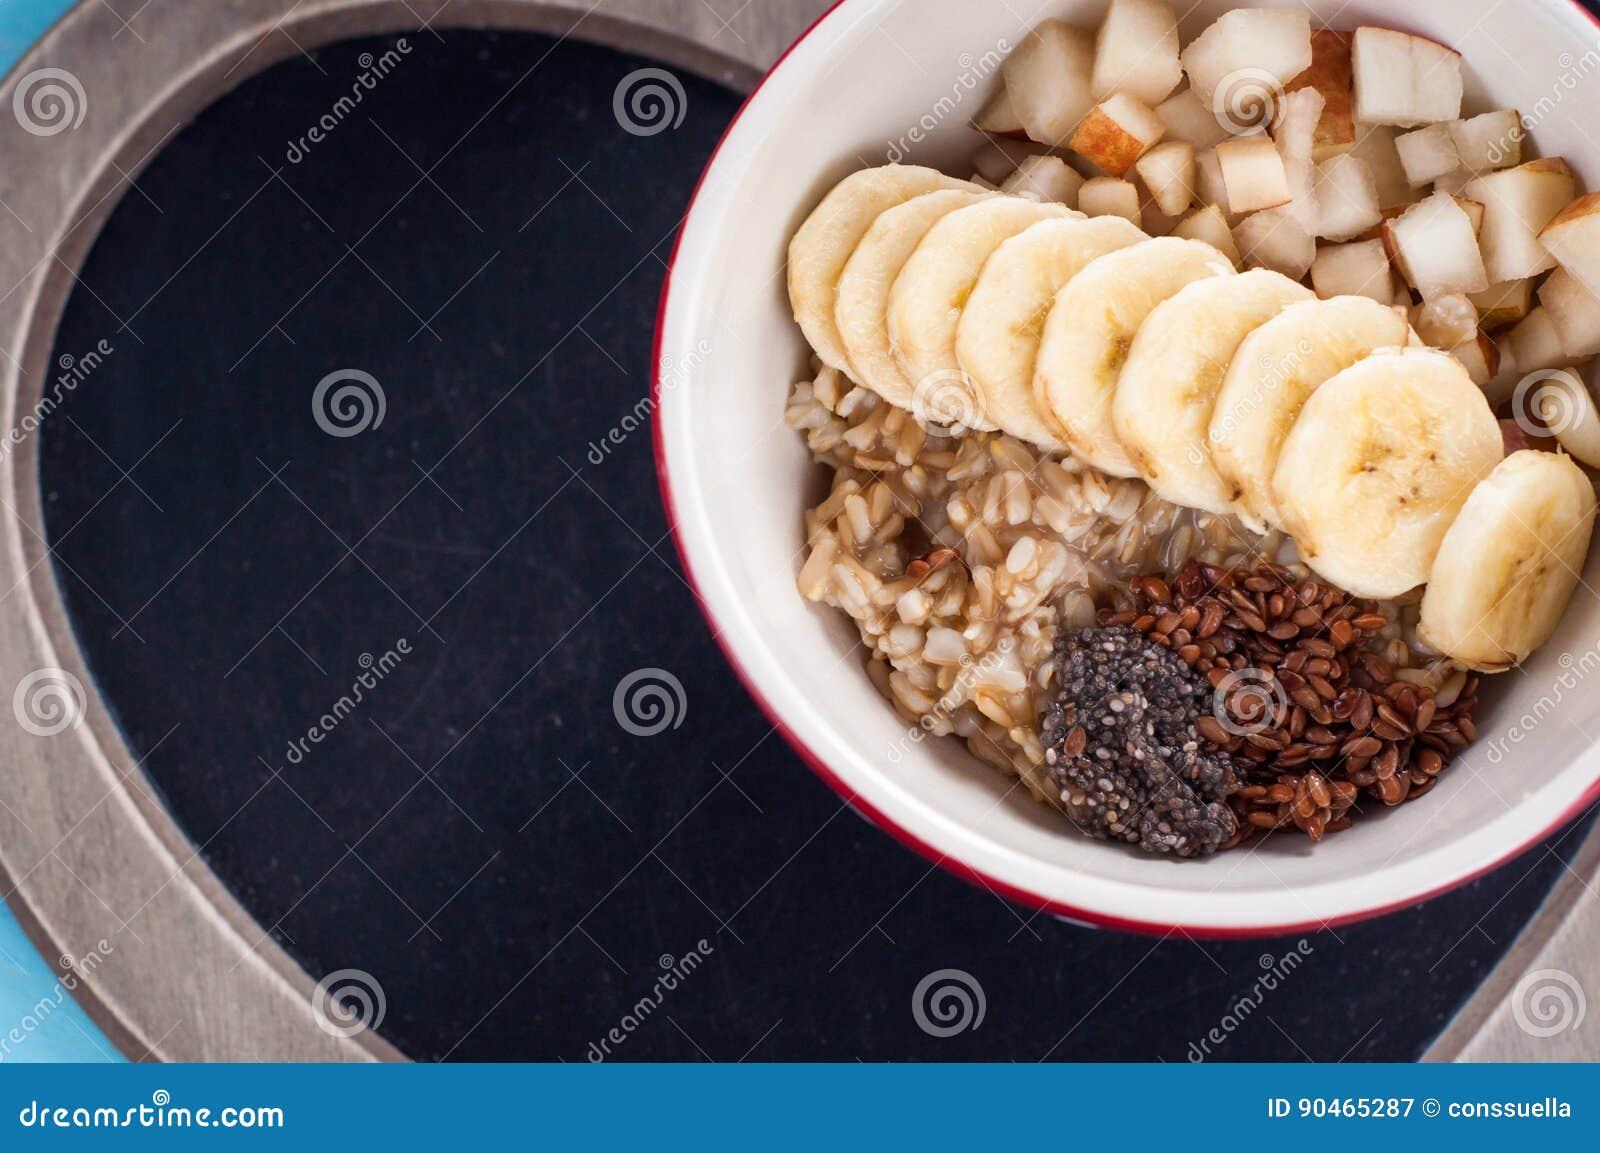 Здоровый завтрак, овсяная каша, банан, груша, мед, семена льна.